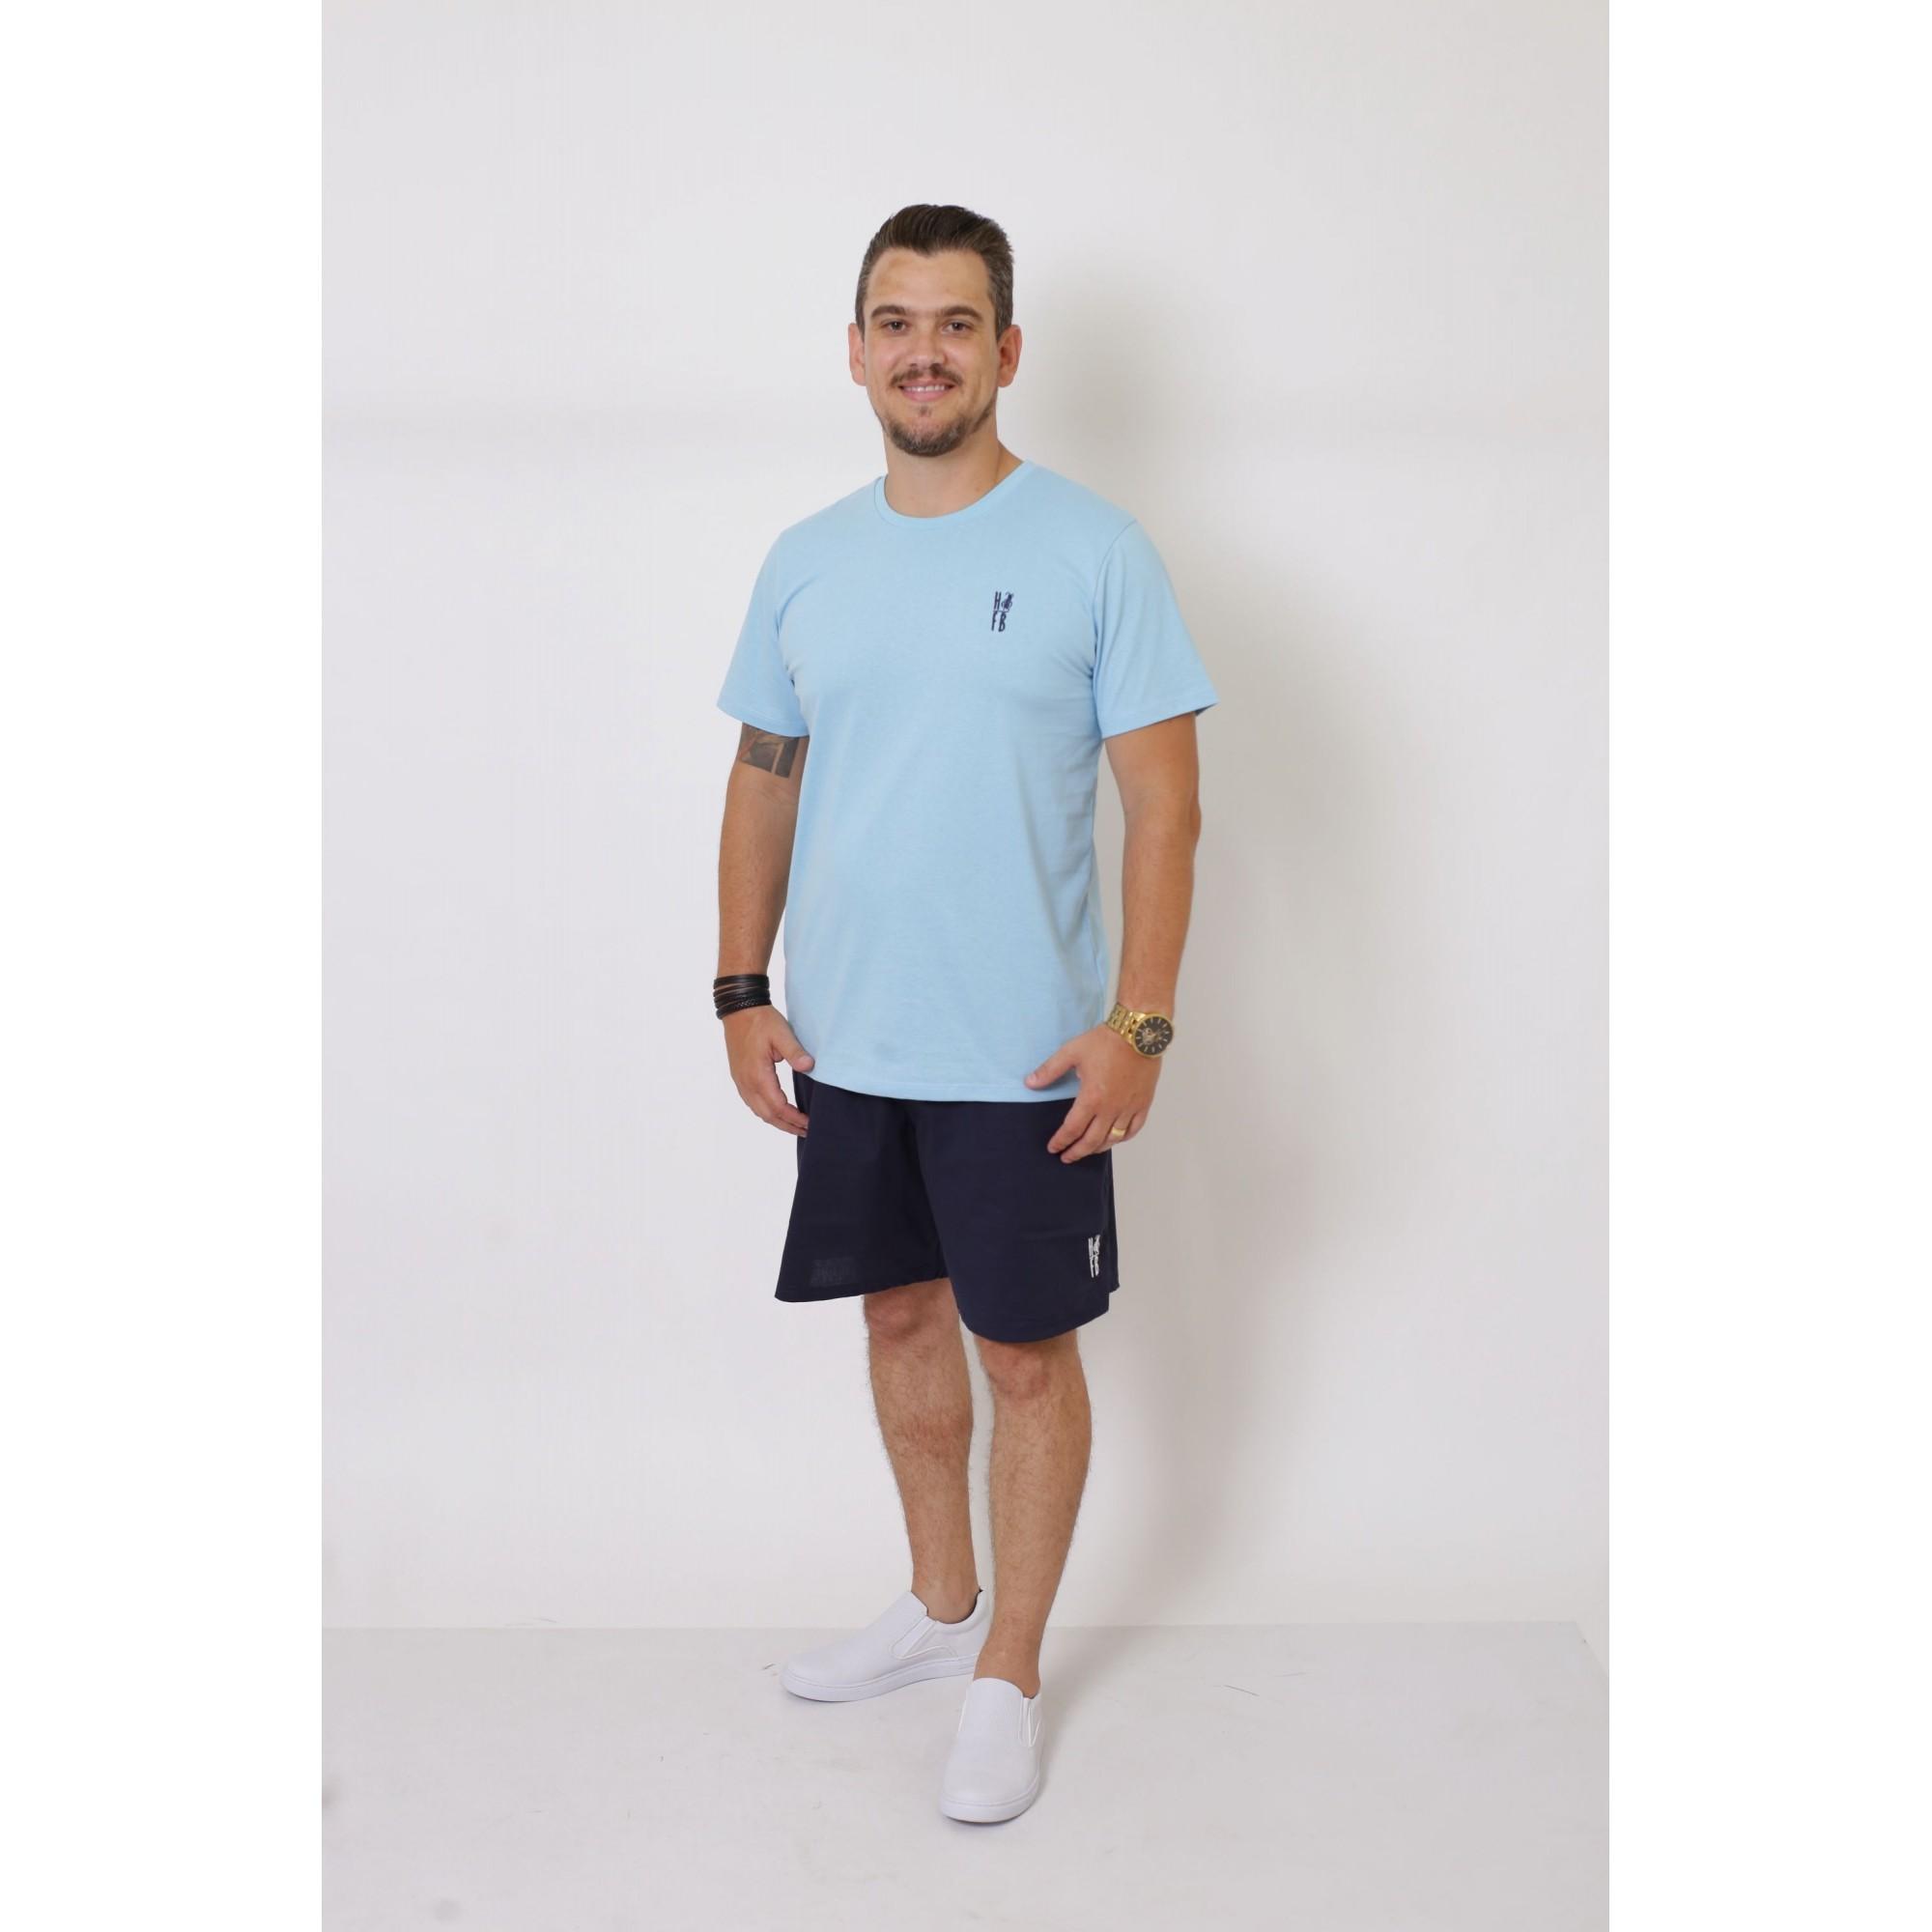 PAIS E FILHAS > Kit 3 Peças T-Shirt - Azul Bebê [Coleção Família]  - Heitor Fashion Brazil